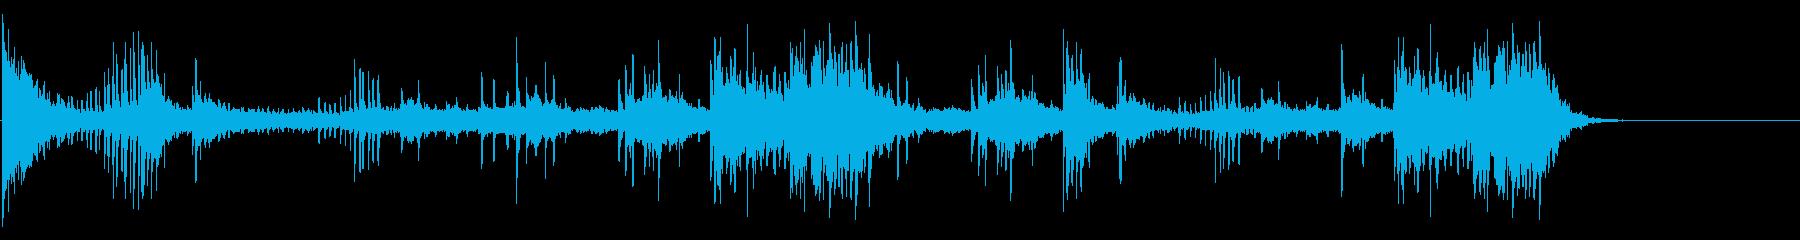 エスニックなFXサウンドの再生済みの波形